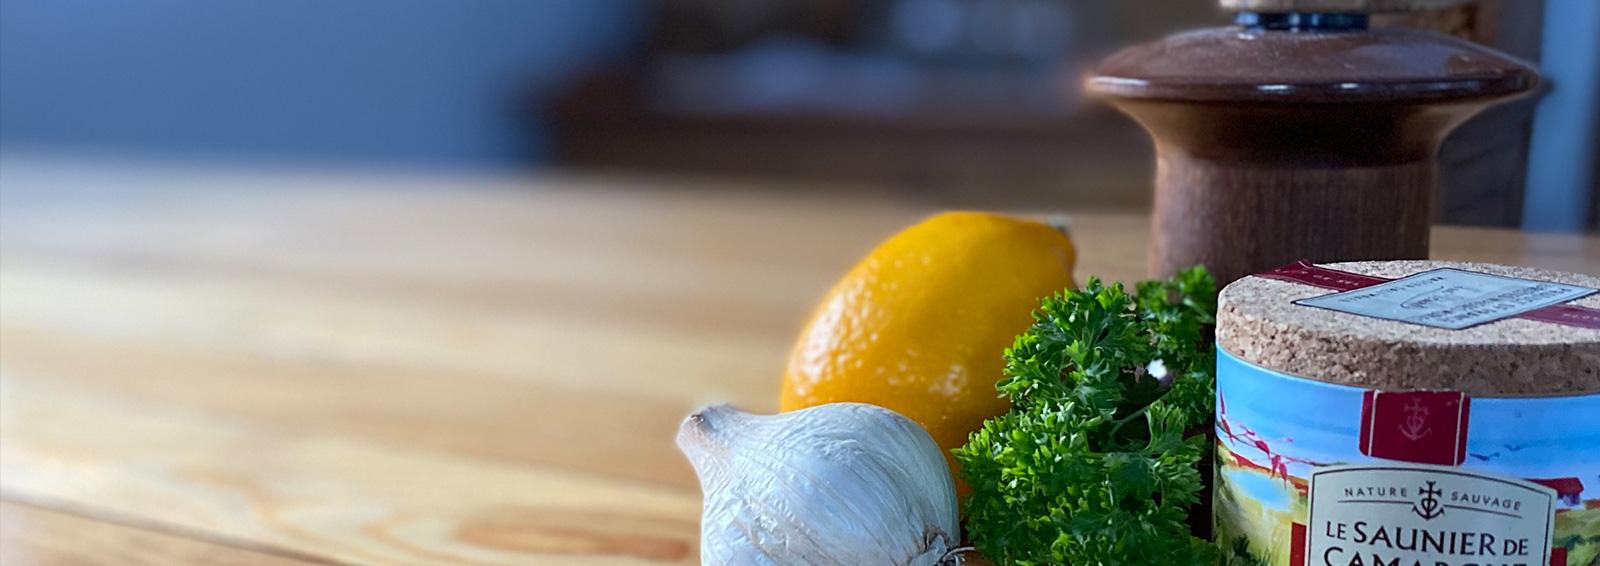 Masked Lemon